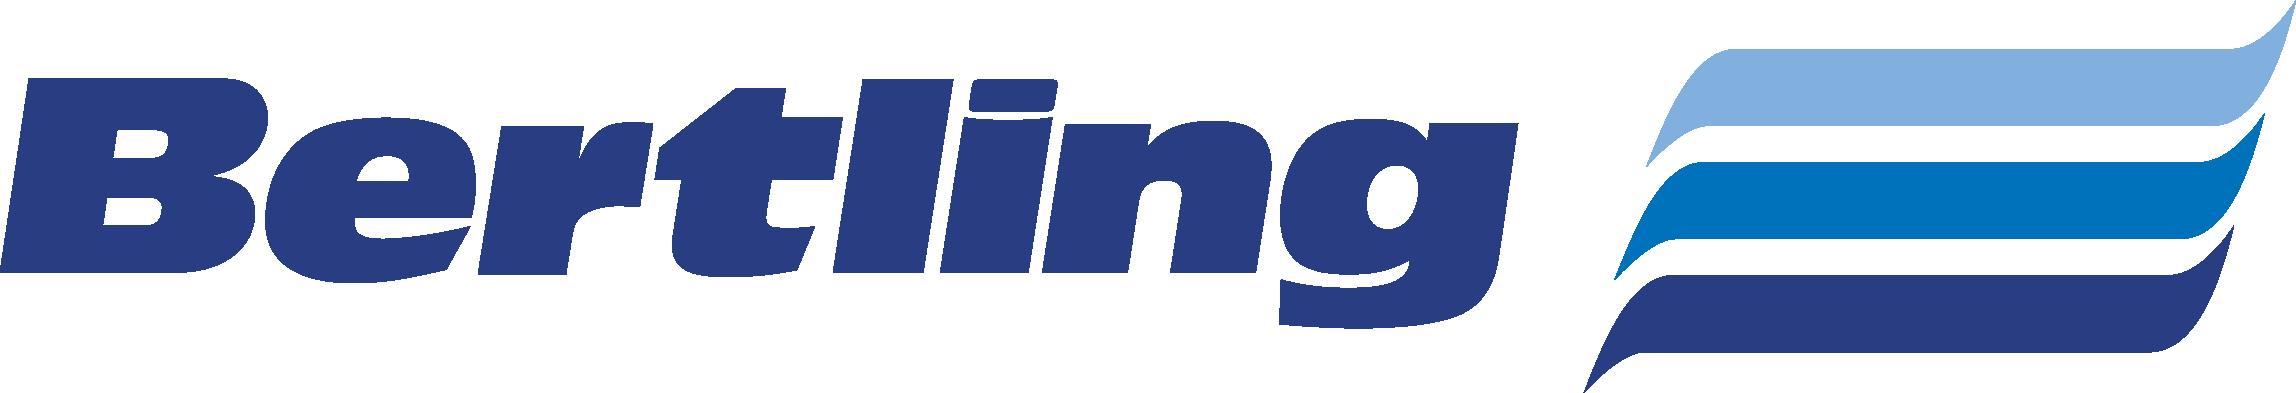 Bertling logotype transparent